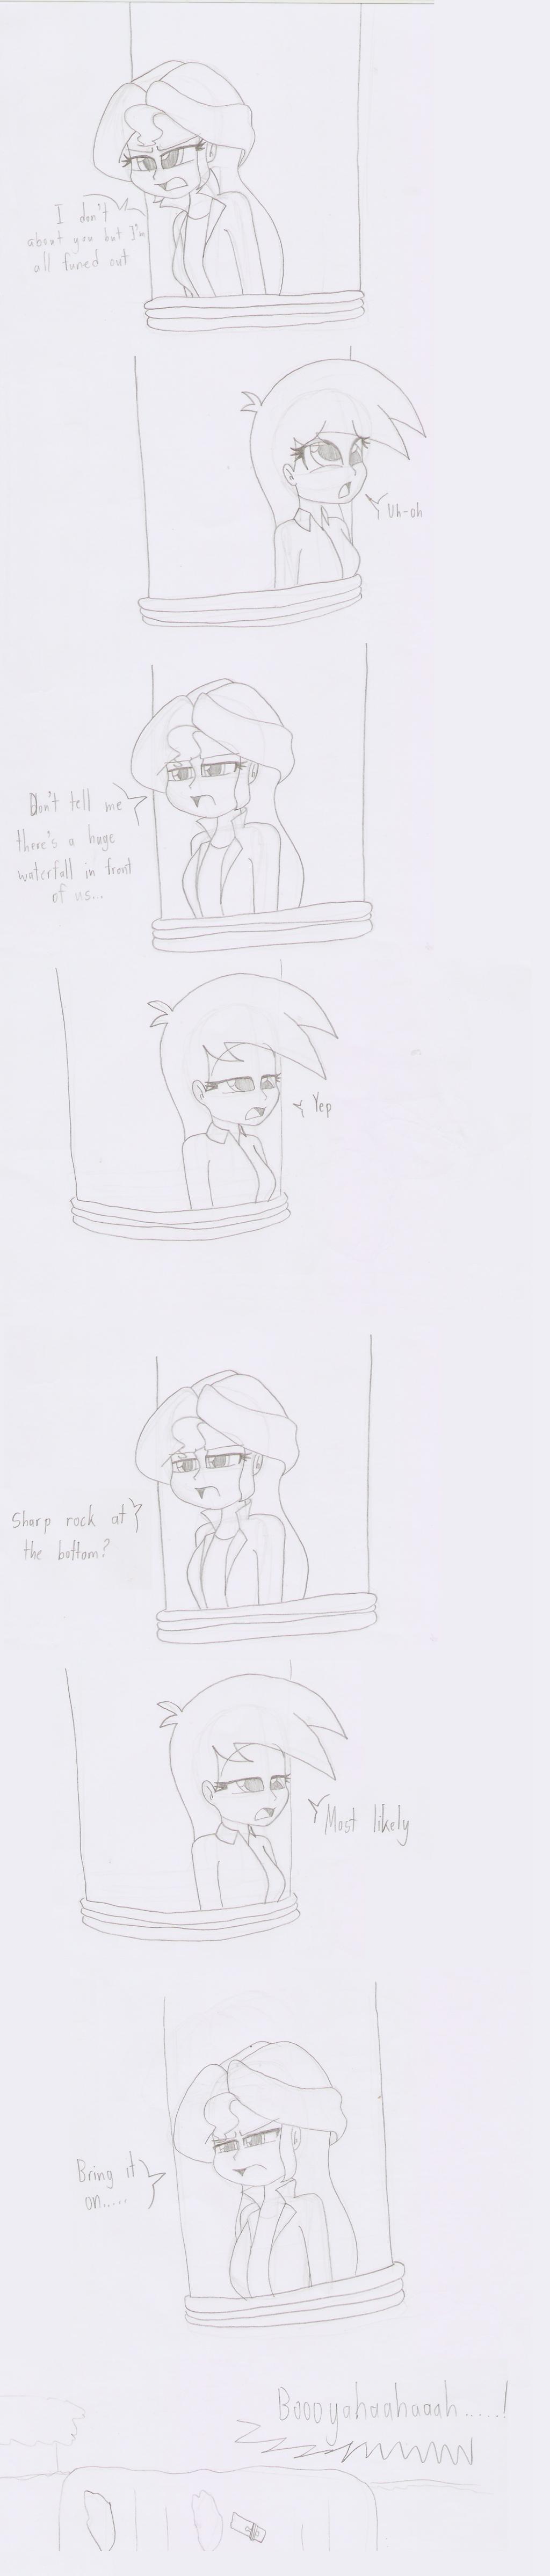 Kuzco Joke by TheWanderer93